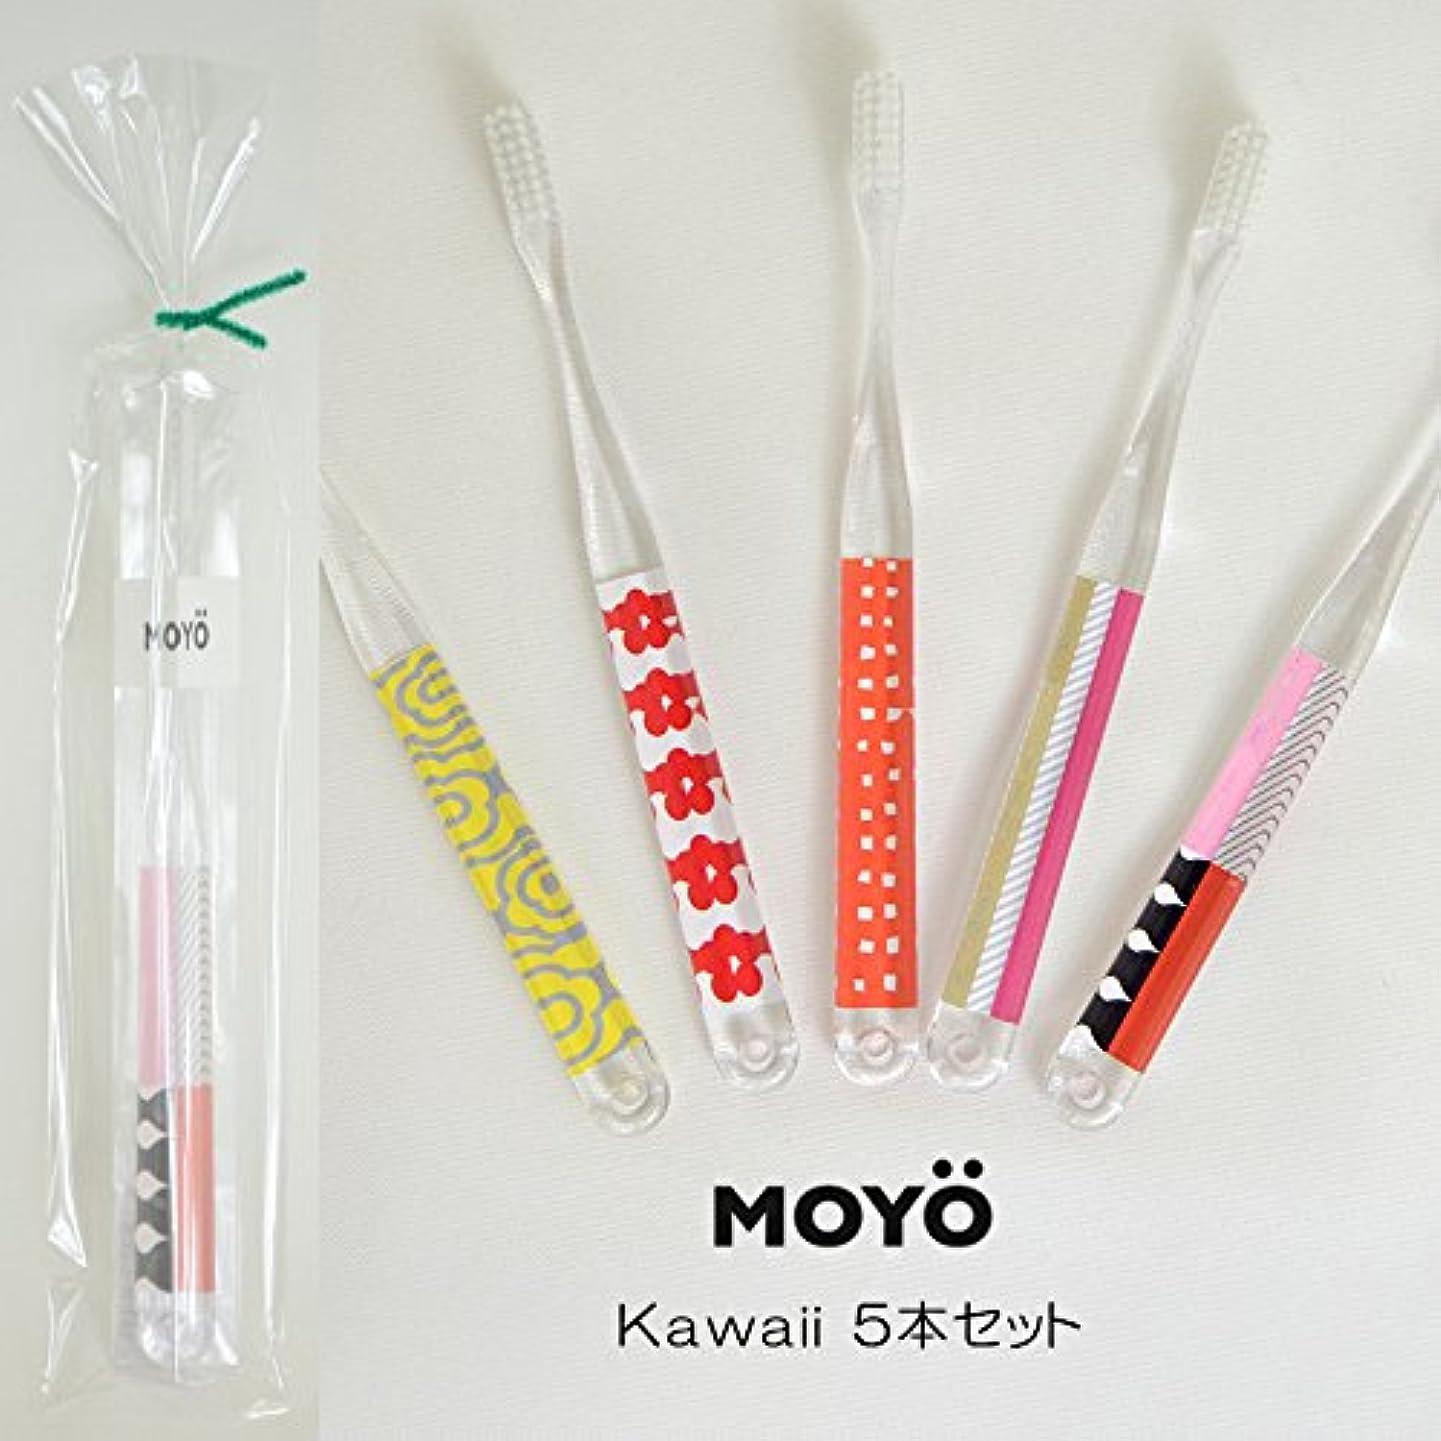 冷ややかな抽選騒々しいMOYO モヨウ 歯ブラシ kawaii5本 プチ ギフト セット_562302-kawaii 【F】,kawaii5本セット